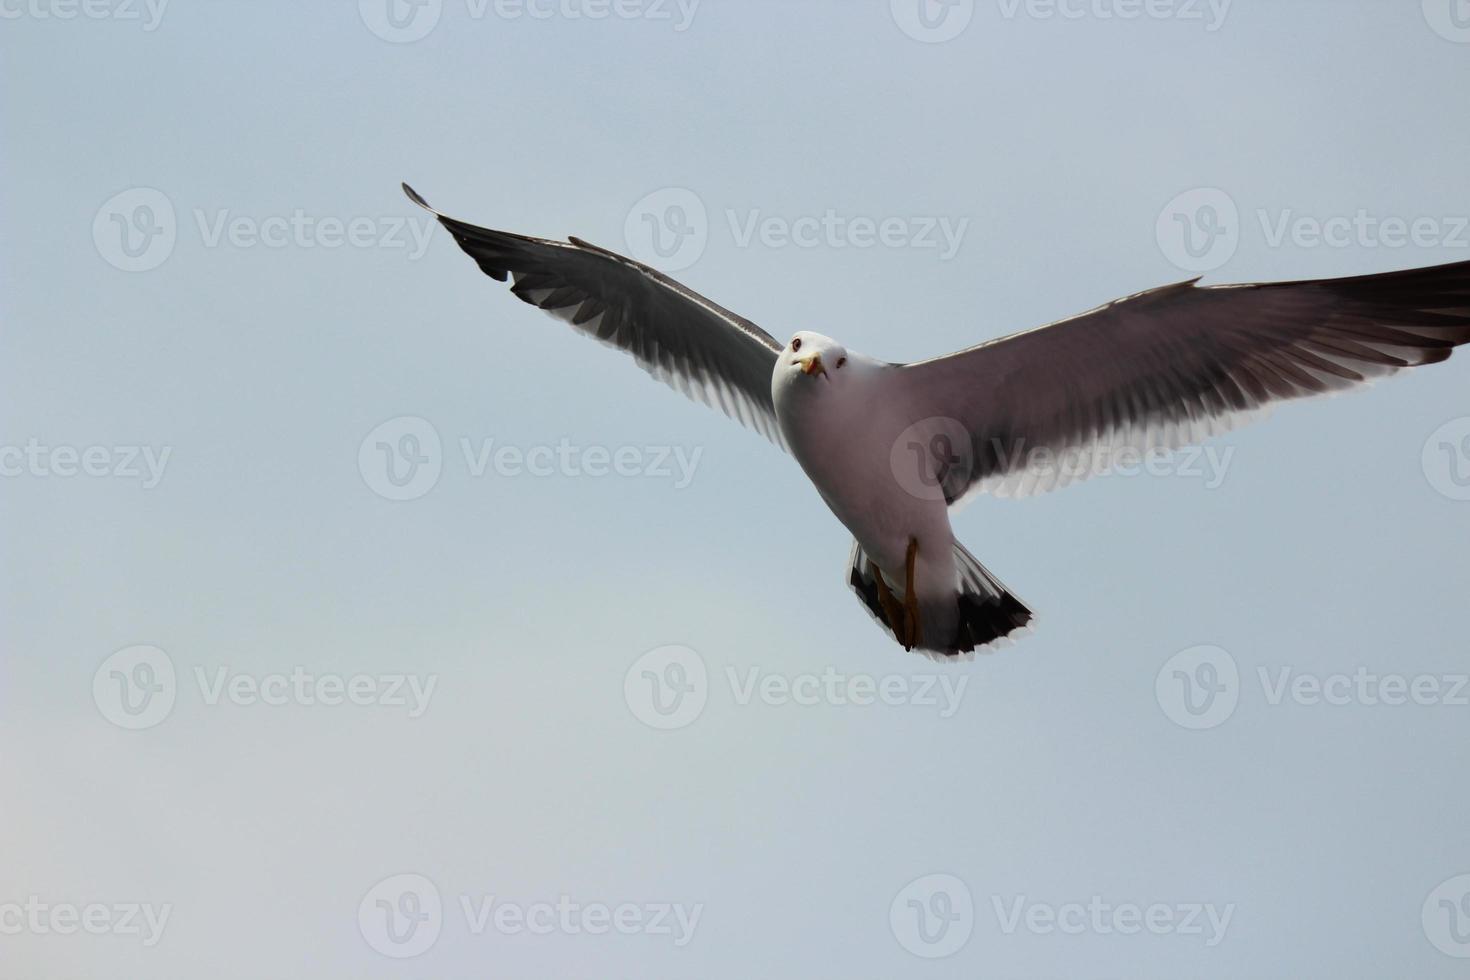 volando gaviota de cola negra. foto